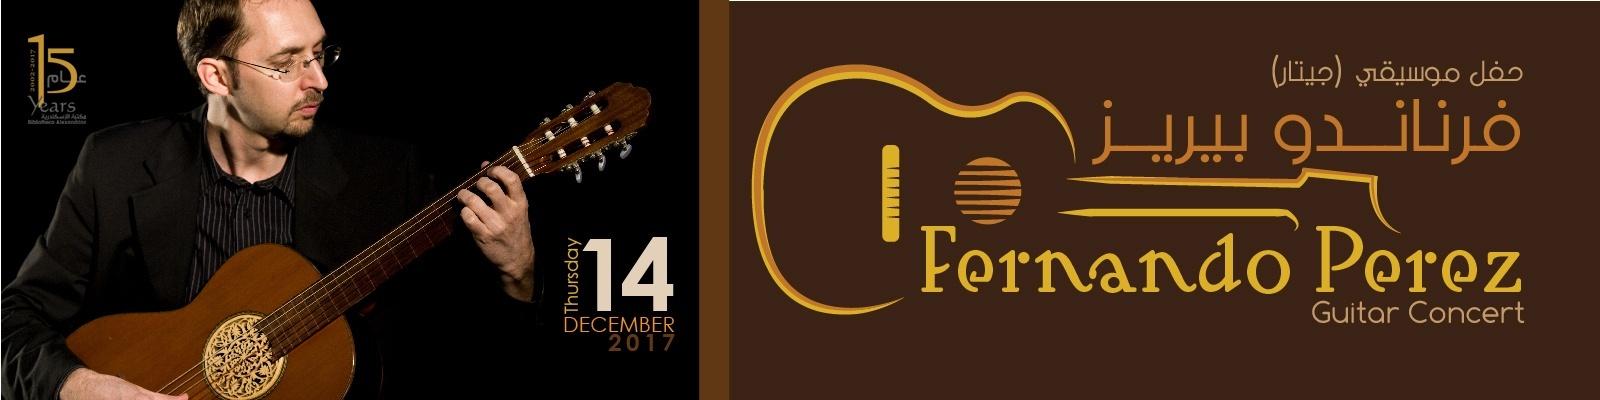 Guitar Concert: Fernando Perez.